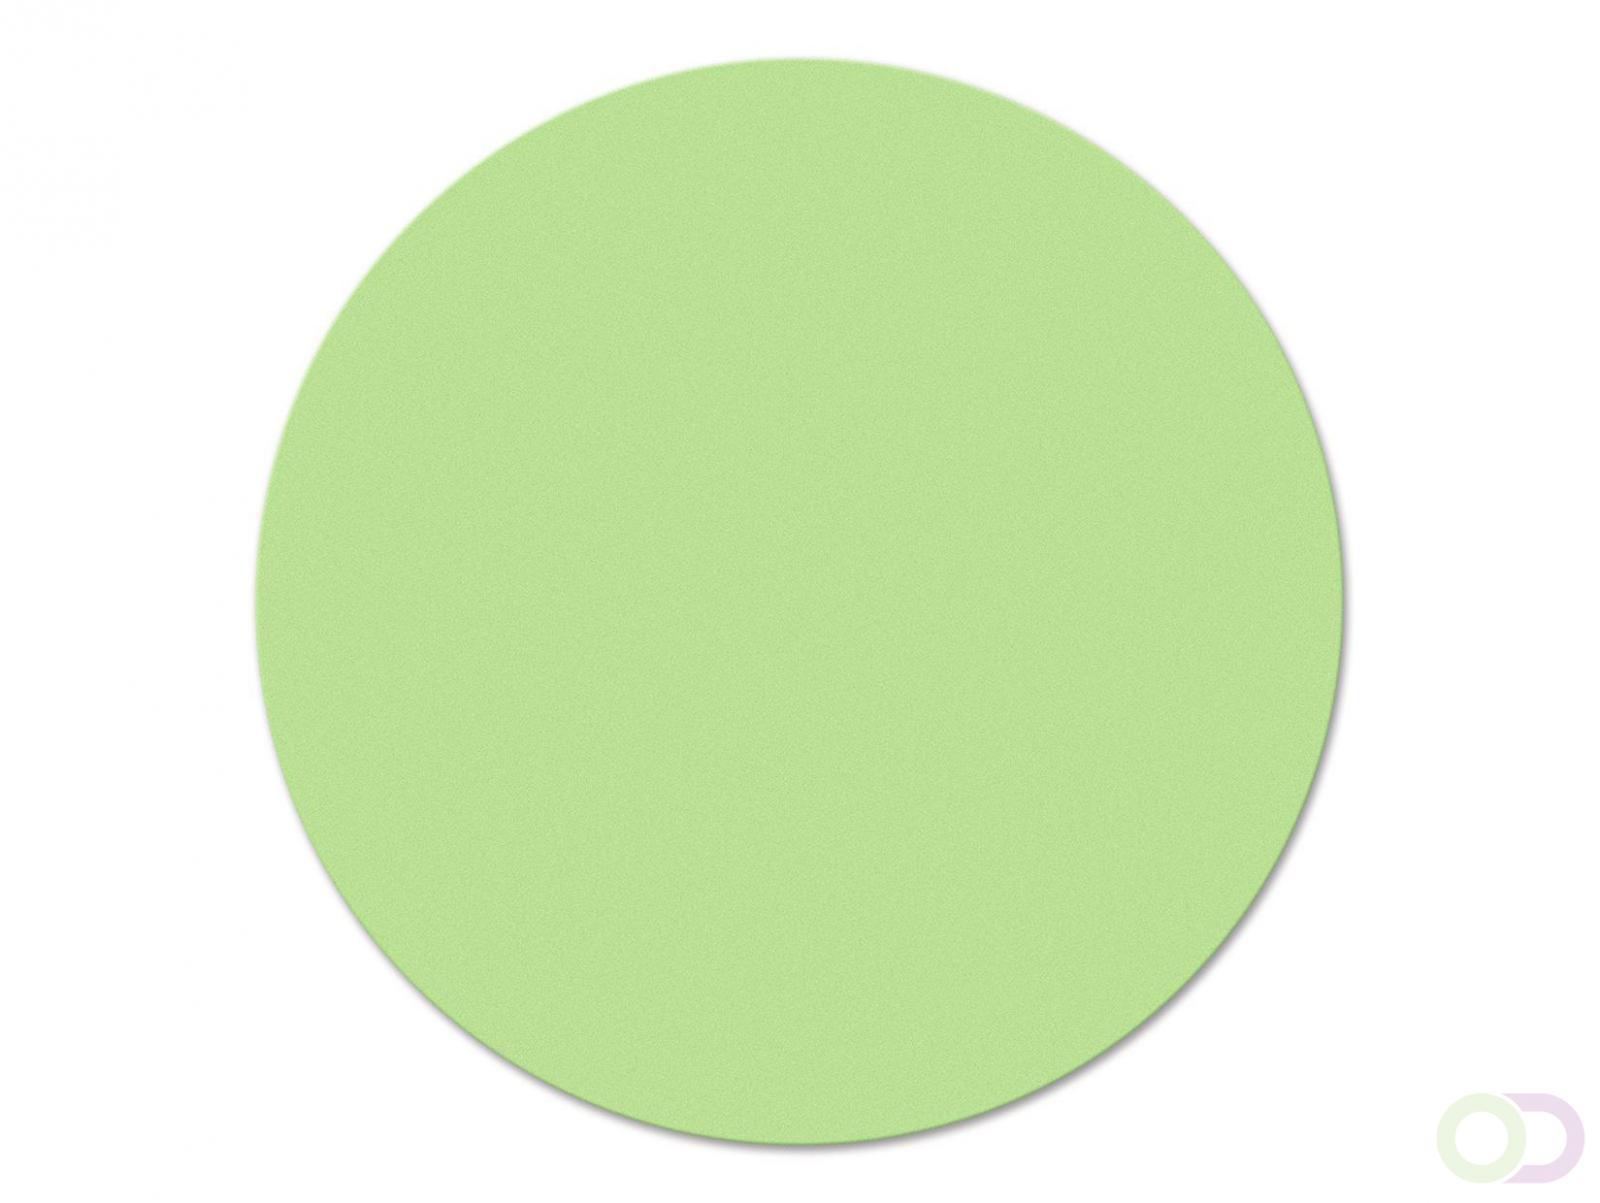 Ronde kaarten 19 cm, 250 stuks groen